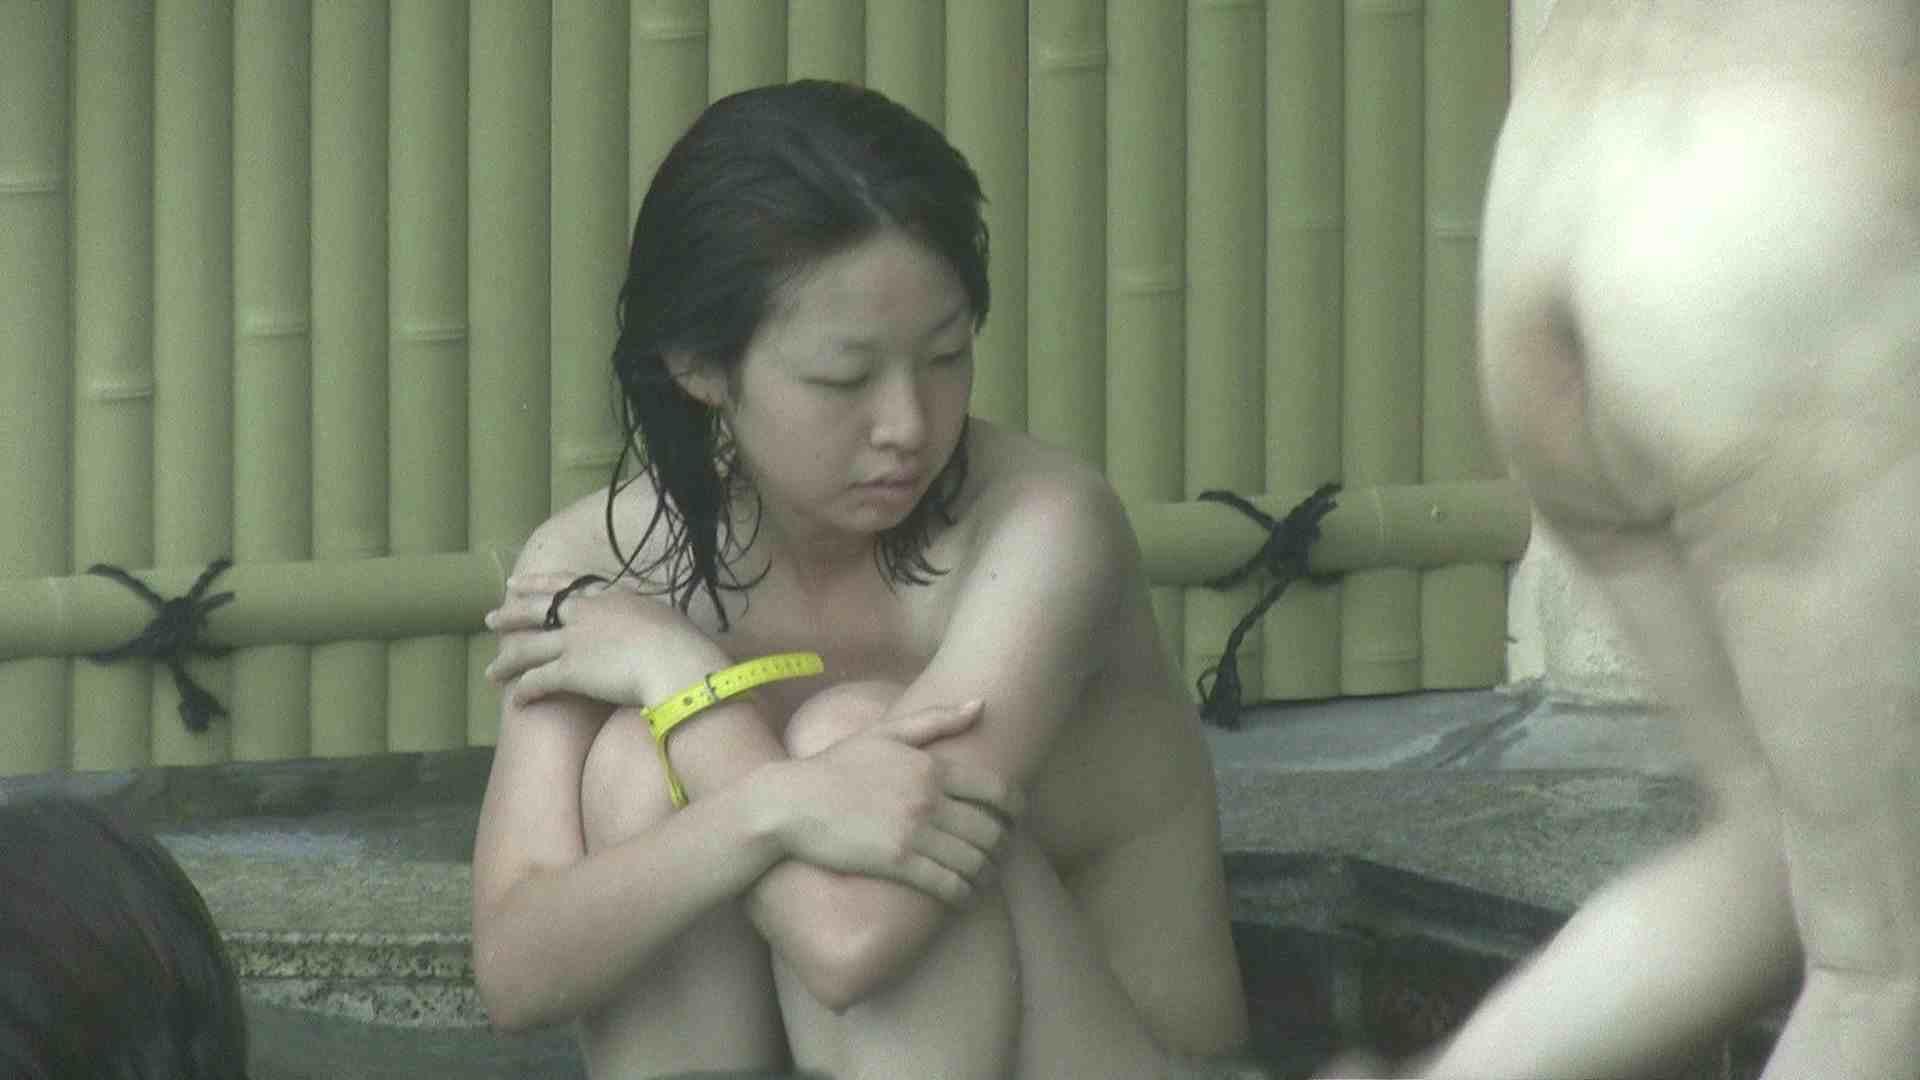 Aquaな露天風呂Vol.195 OL  67pic 8